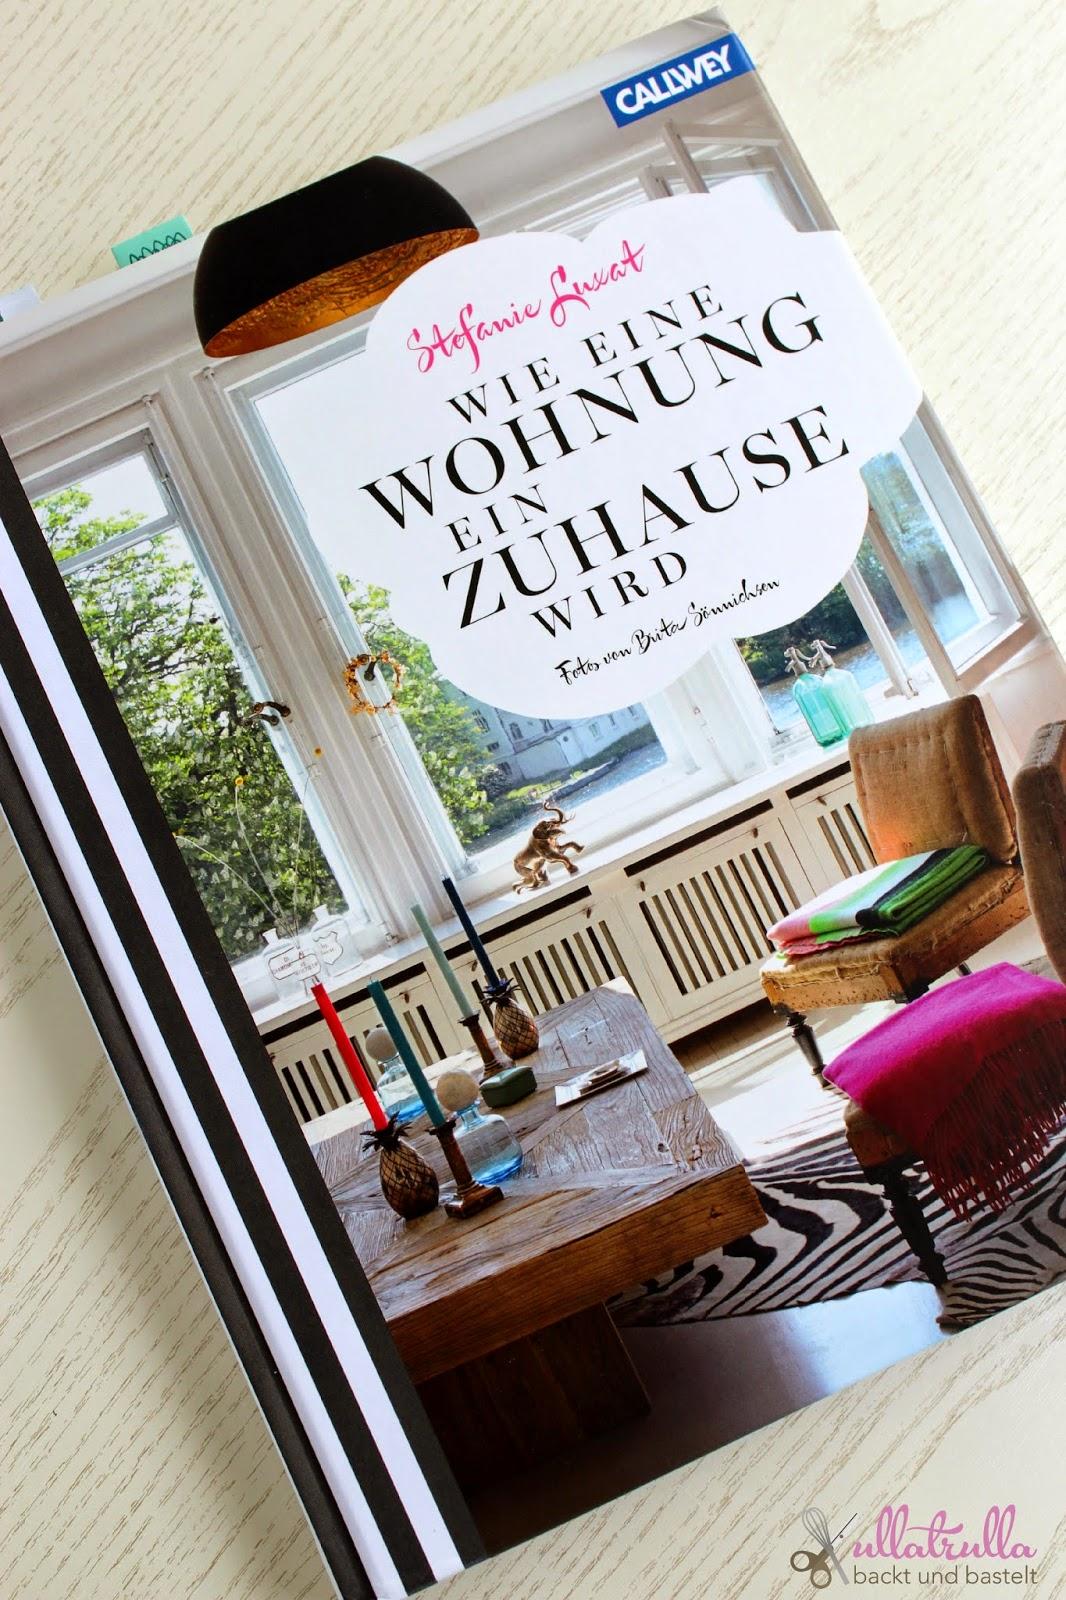 ullatrulla backt und bastelt wie eine wohnung ein zuhause wird von stefanie luxat buchrezension. Black Bedroom Furniture Sets. Home Design Ideas